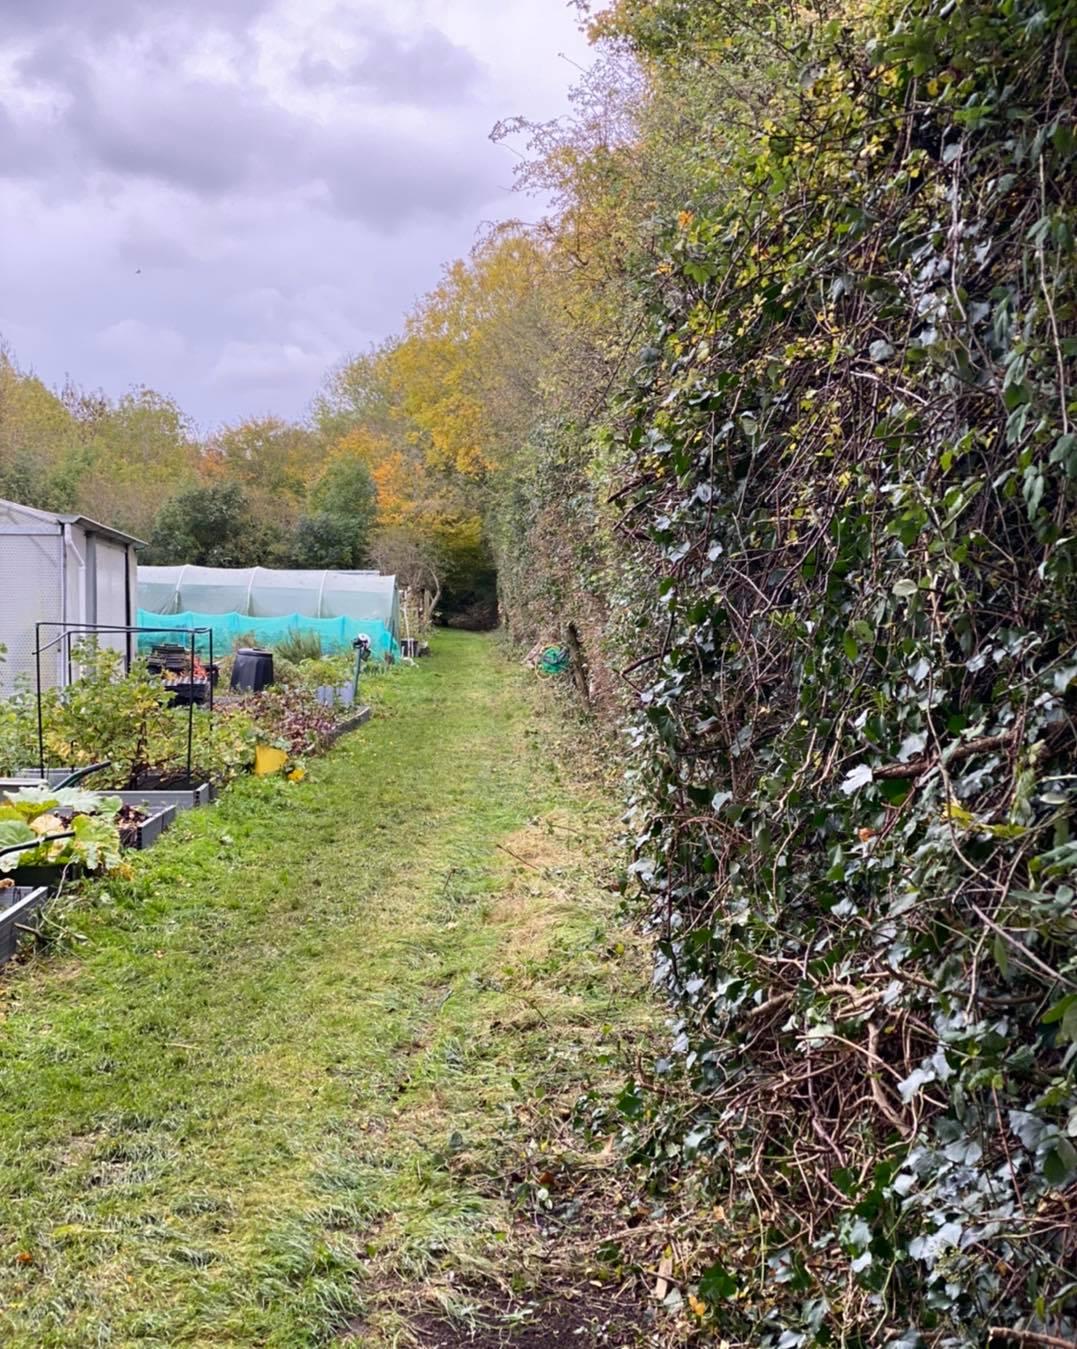 overgorwn hedge after oct20-2002020